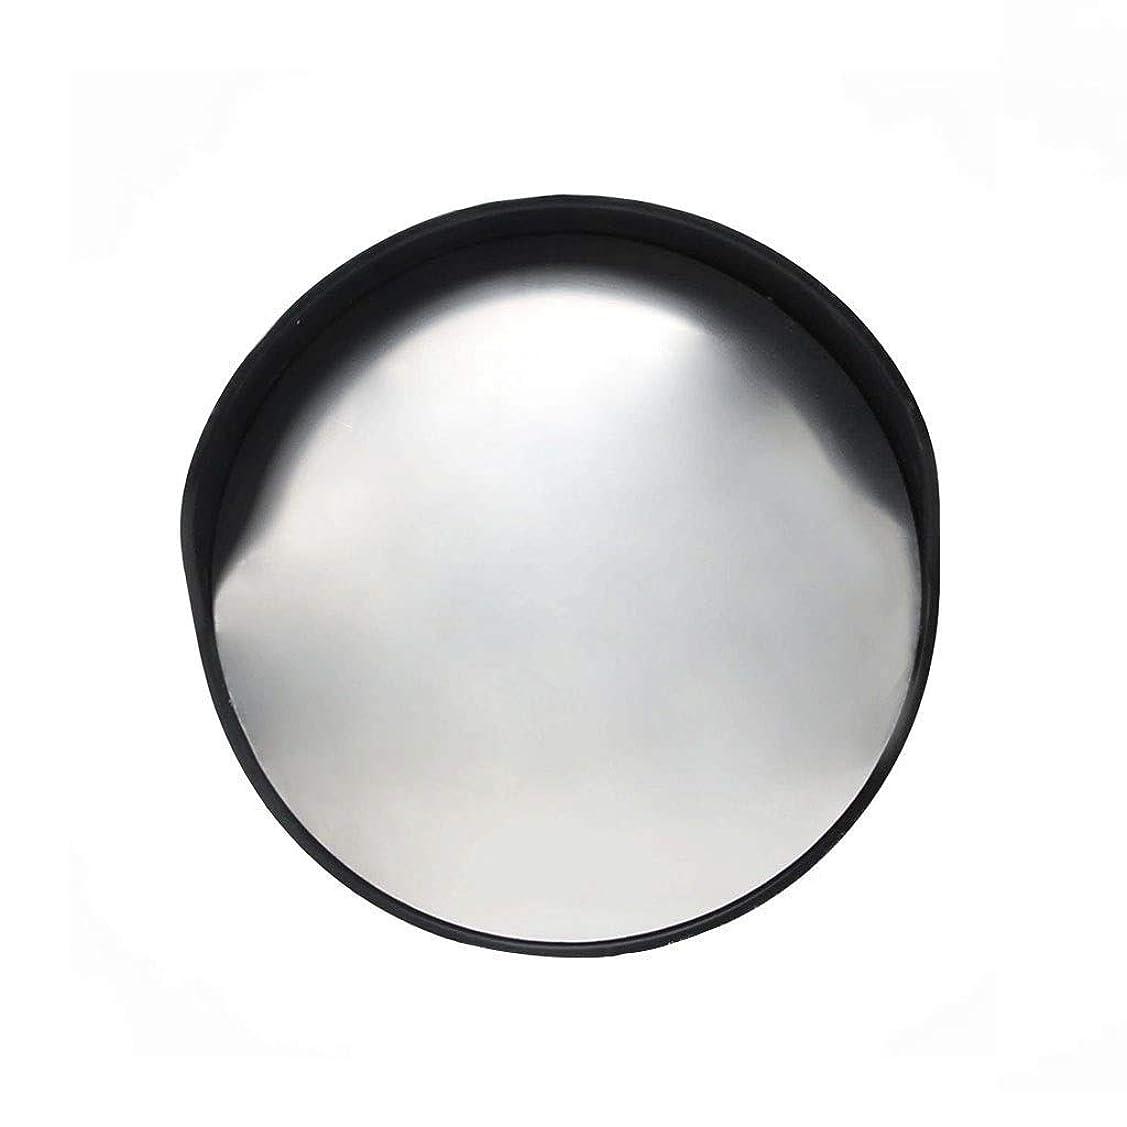 流出エジプトアームストロングブラックトラフィックミラー、30CM / 45CM / 60CMプラスチック広角レンズ耐衝撃性変形していない凸面鏡屋内ブラインドスポットミラー(色:黒、サイズ:45CM)